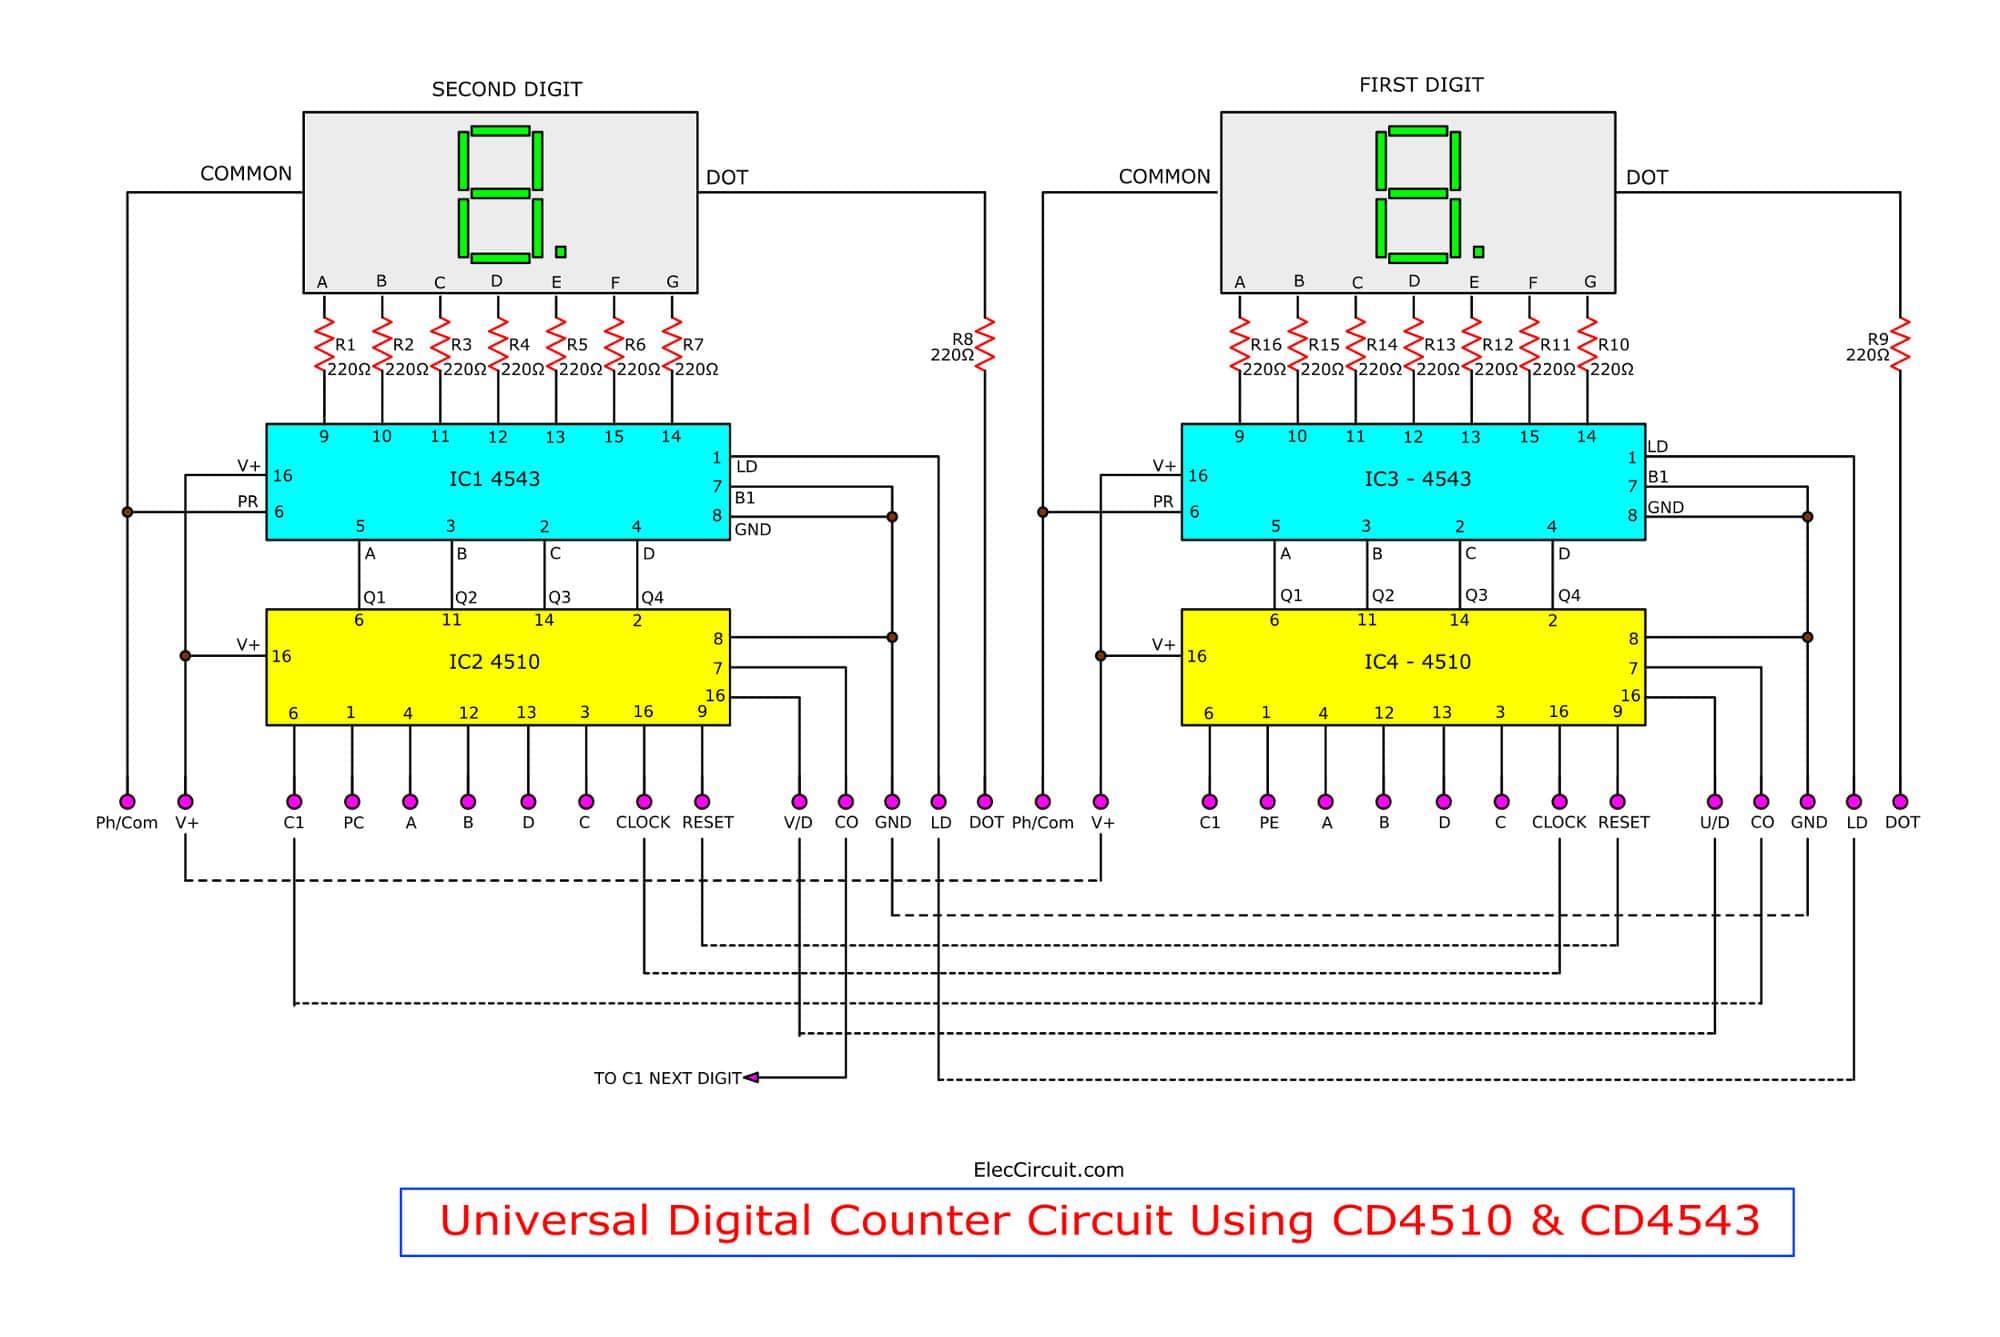 Universal Digital counter circuit using CD4510 & CD4543